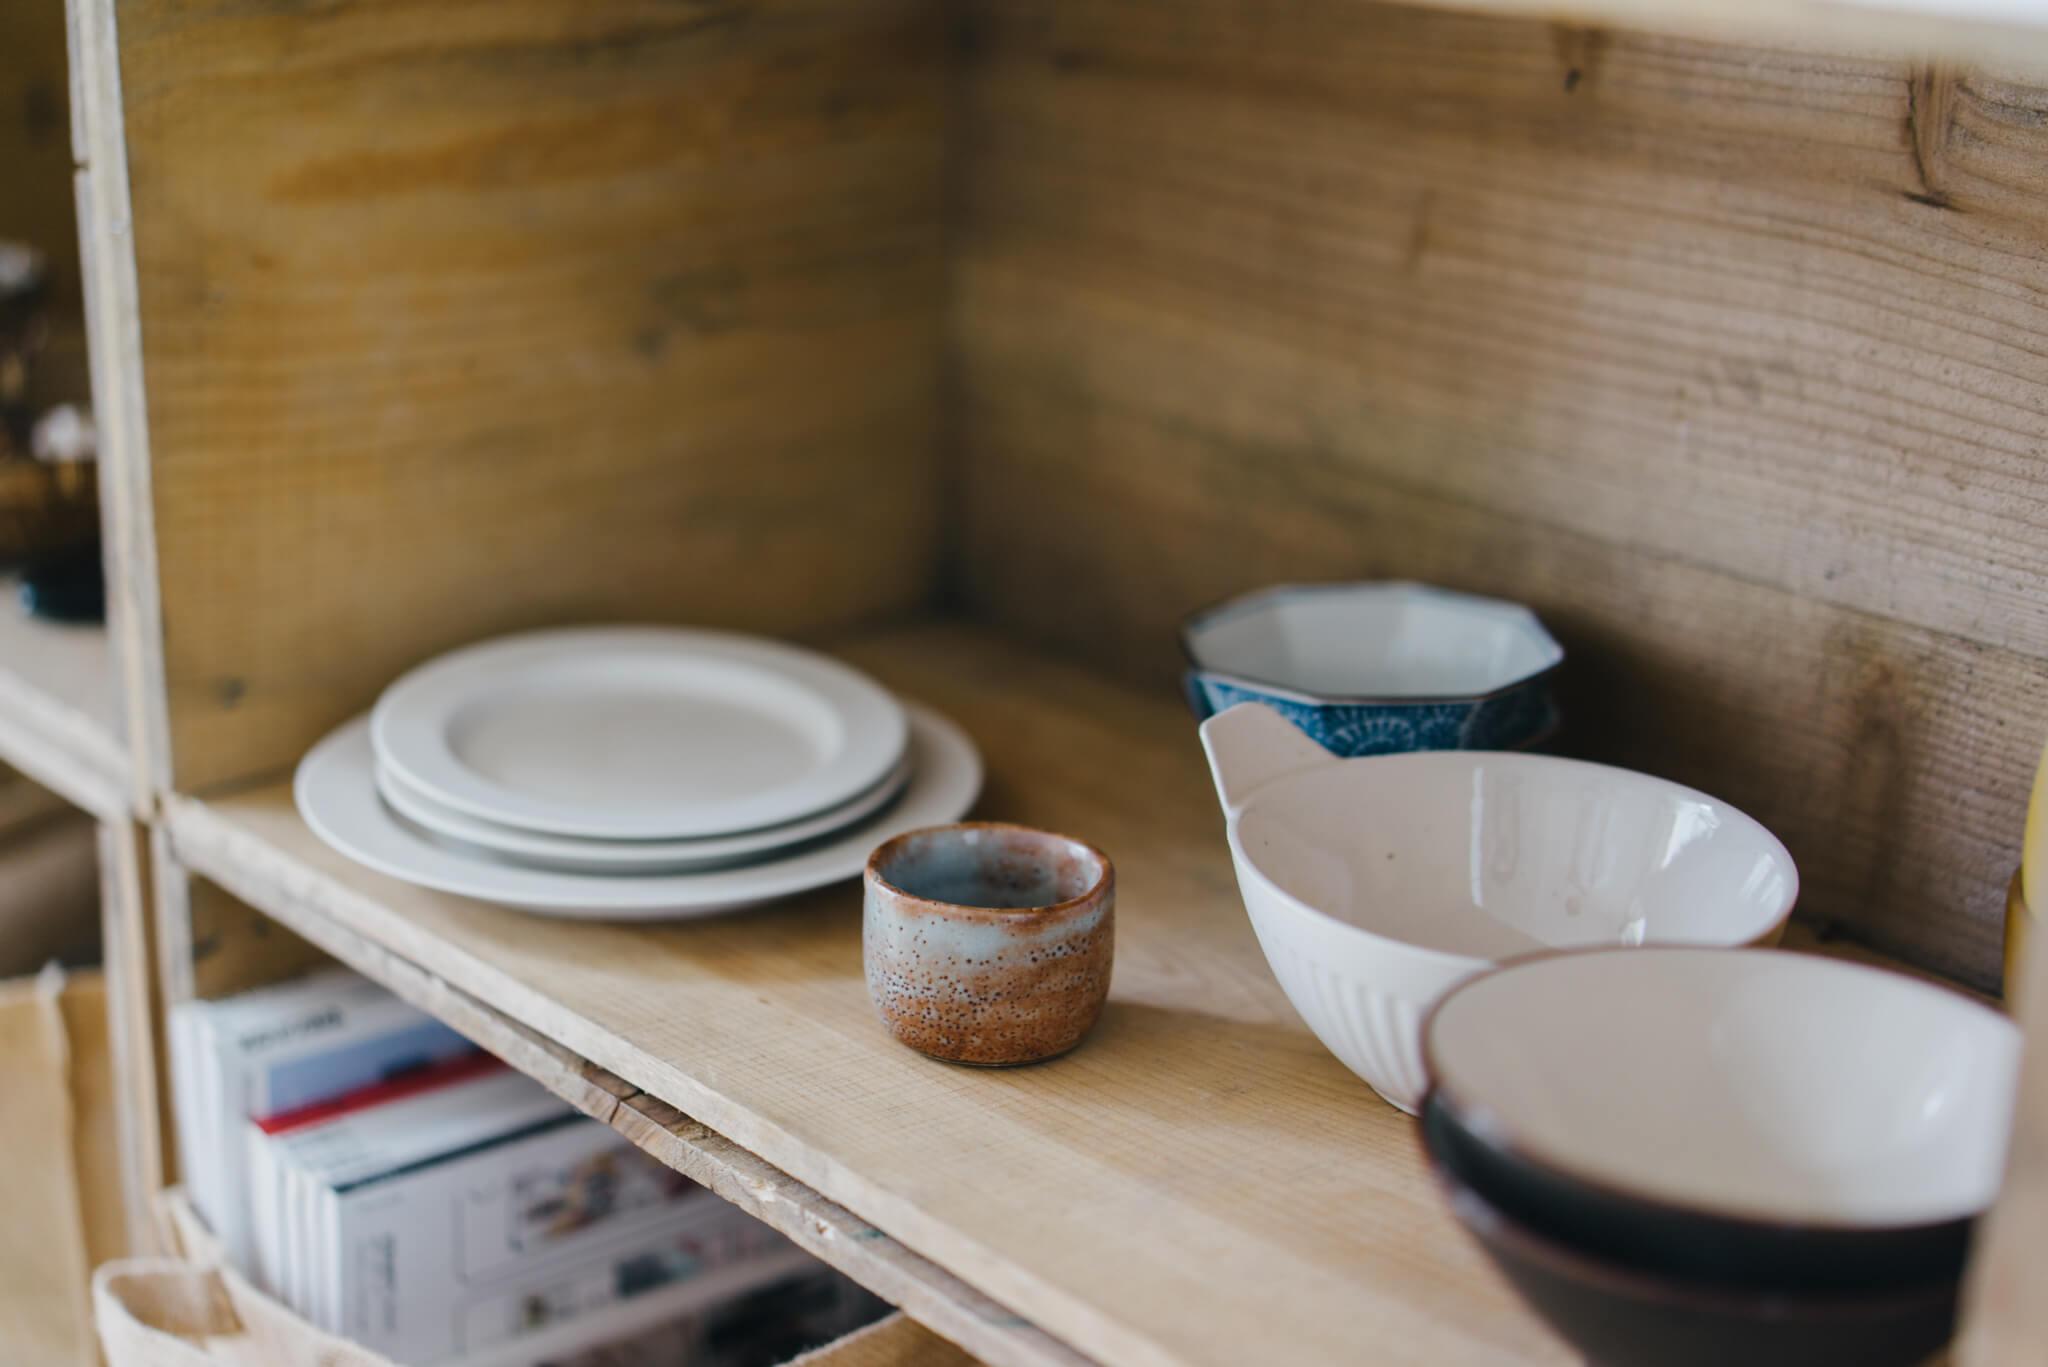 右側の棚にはお気に入りの器。白い丸皿はイイホシユミコさんのもの。「マットな質感がすごく好きで、集めたいなと思っているんです」